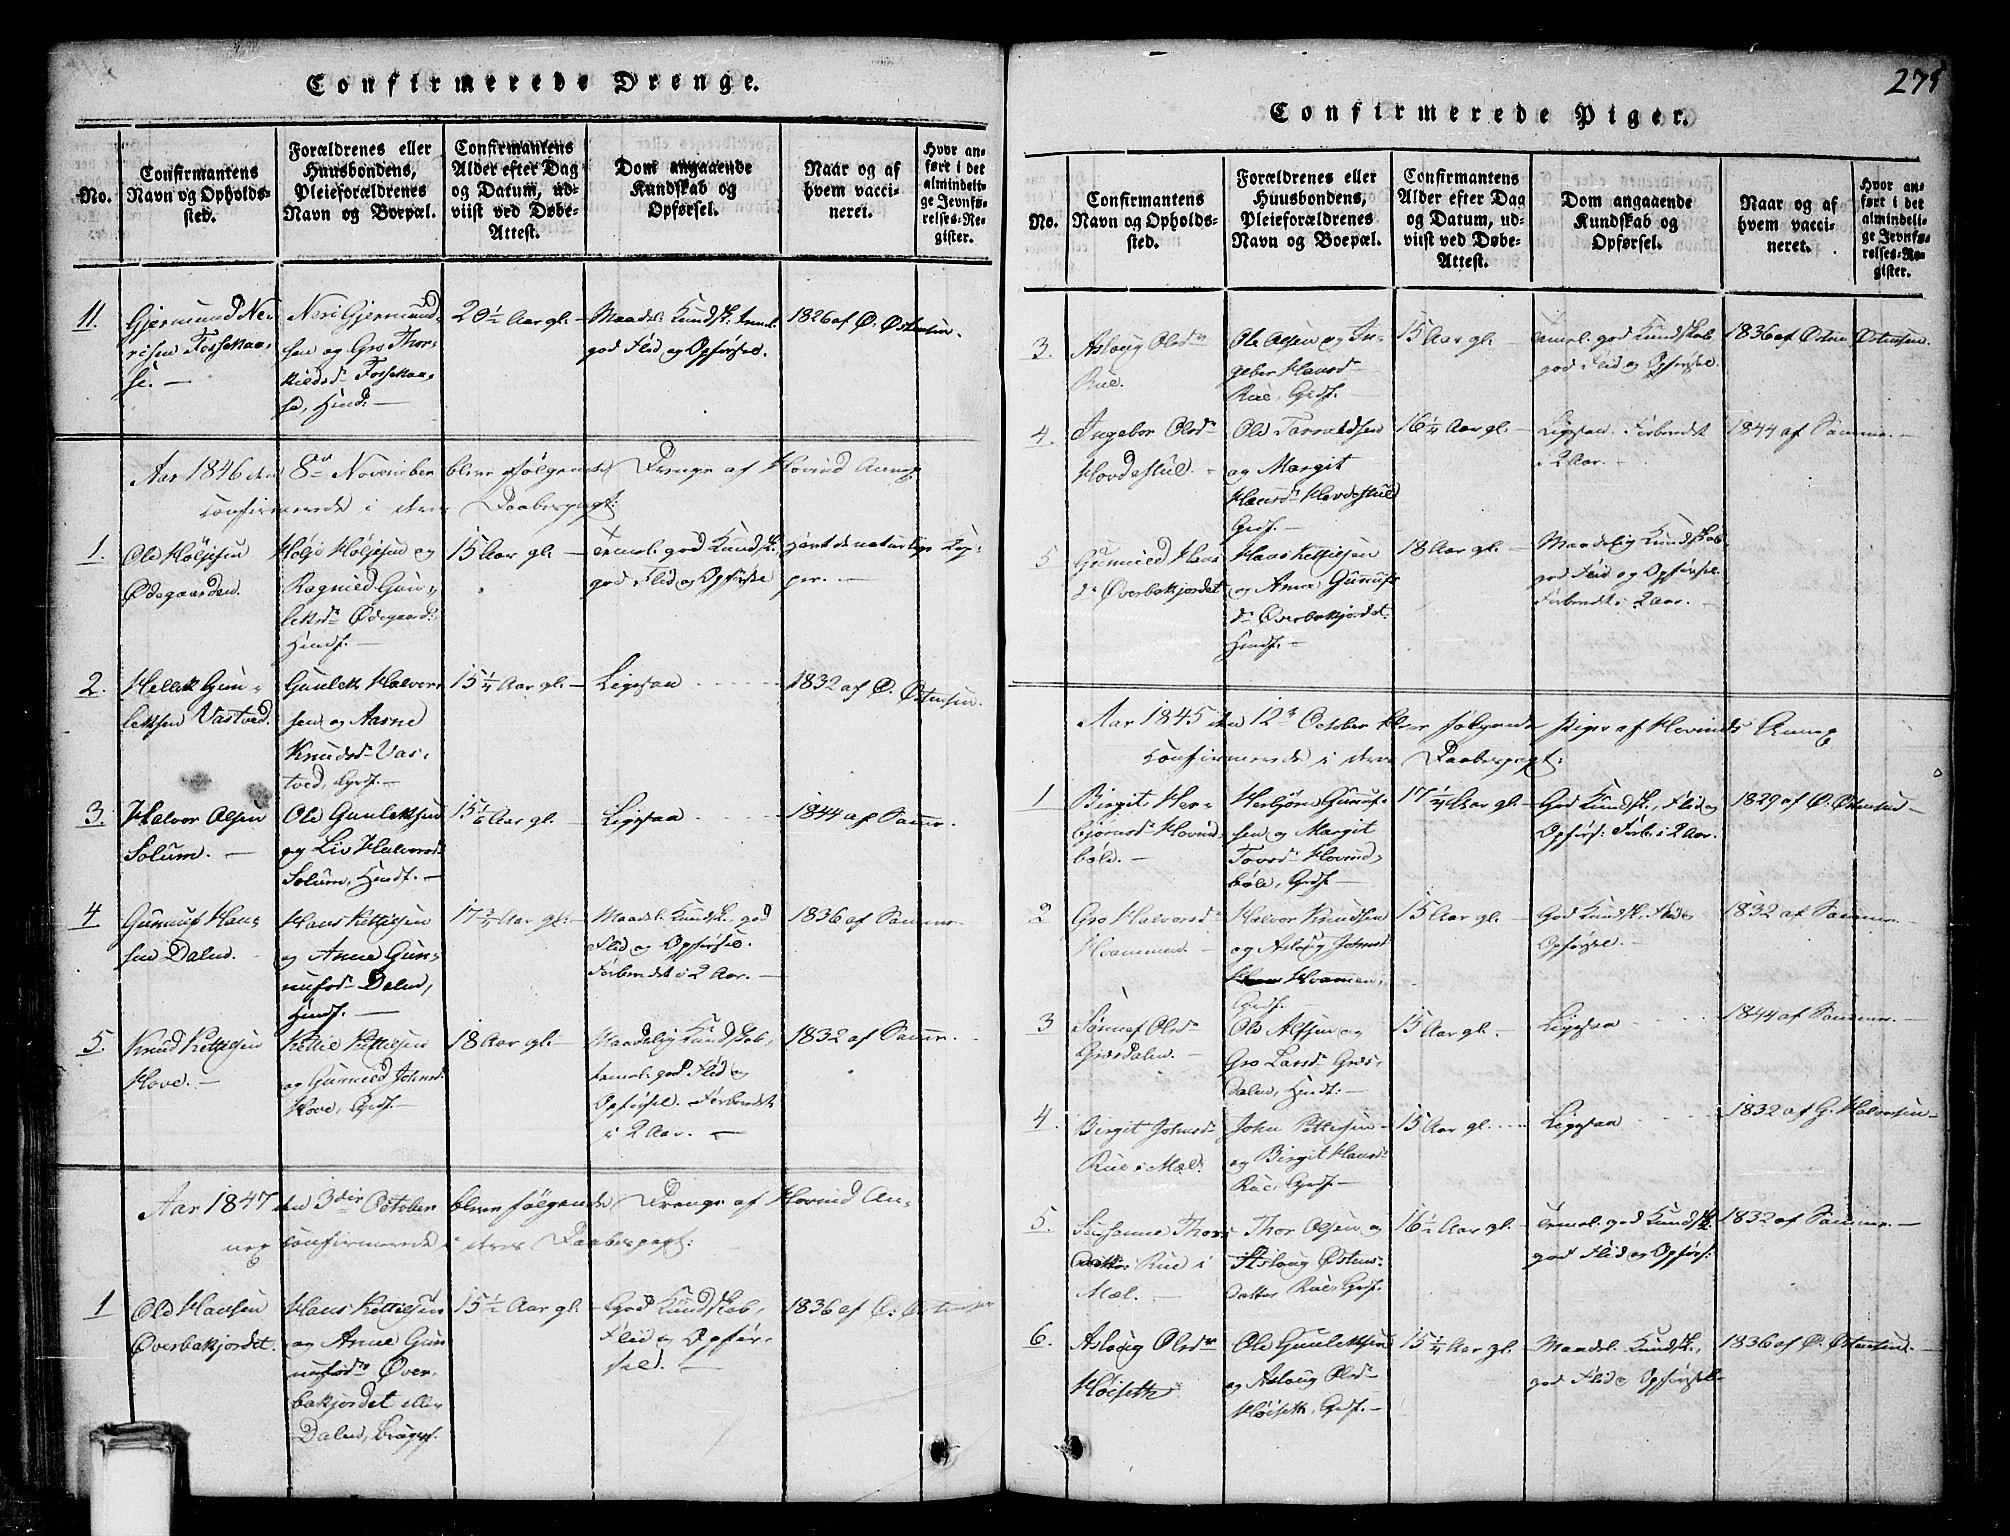 SAKO, Gransherad kirkebøker, G/Gb/L0001: Klokkerbok nr. II 1, 1815-1860, s. 275